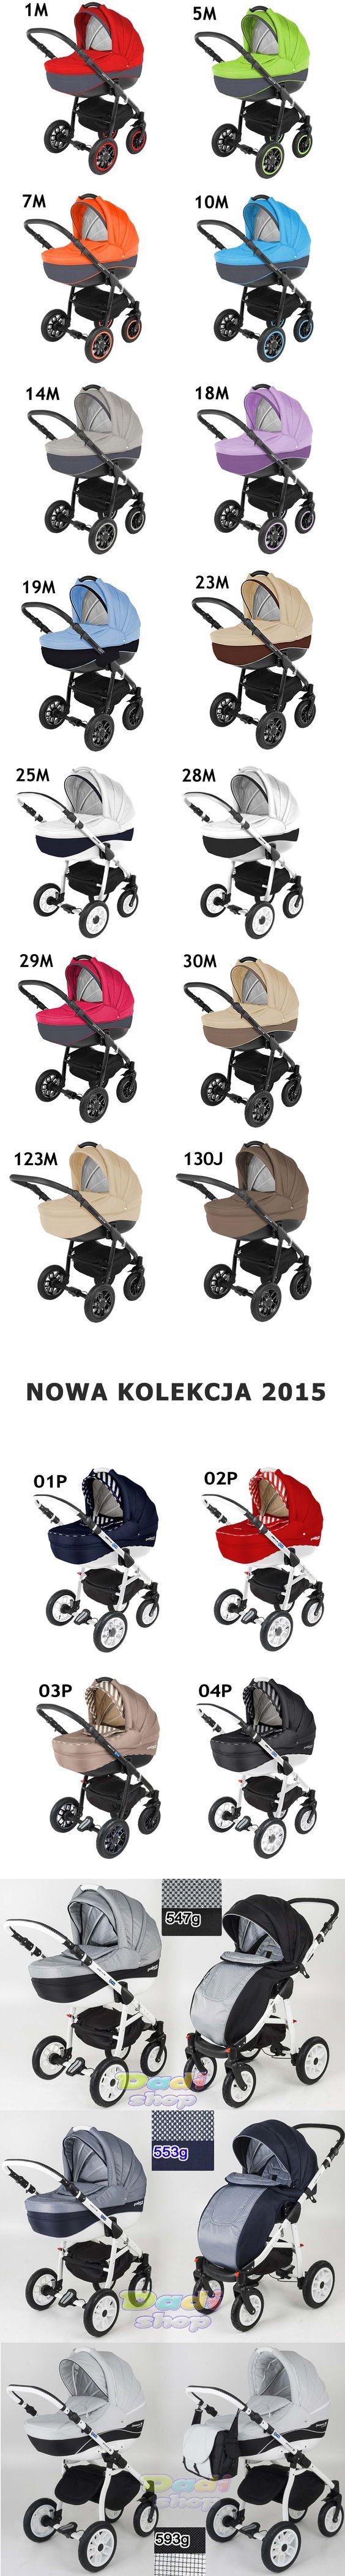 Pajero 2w1 3w1 Nowoczesny Polski Wozek Aluminiowy 5189650384 Oficjalne Archiwum Allegro Stroller